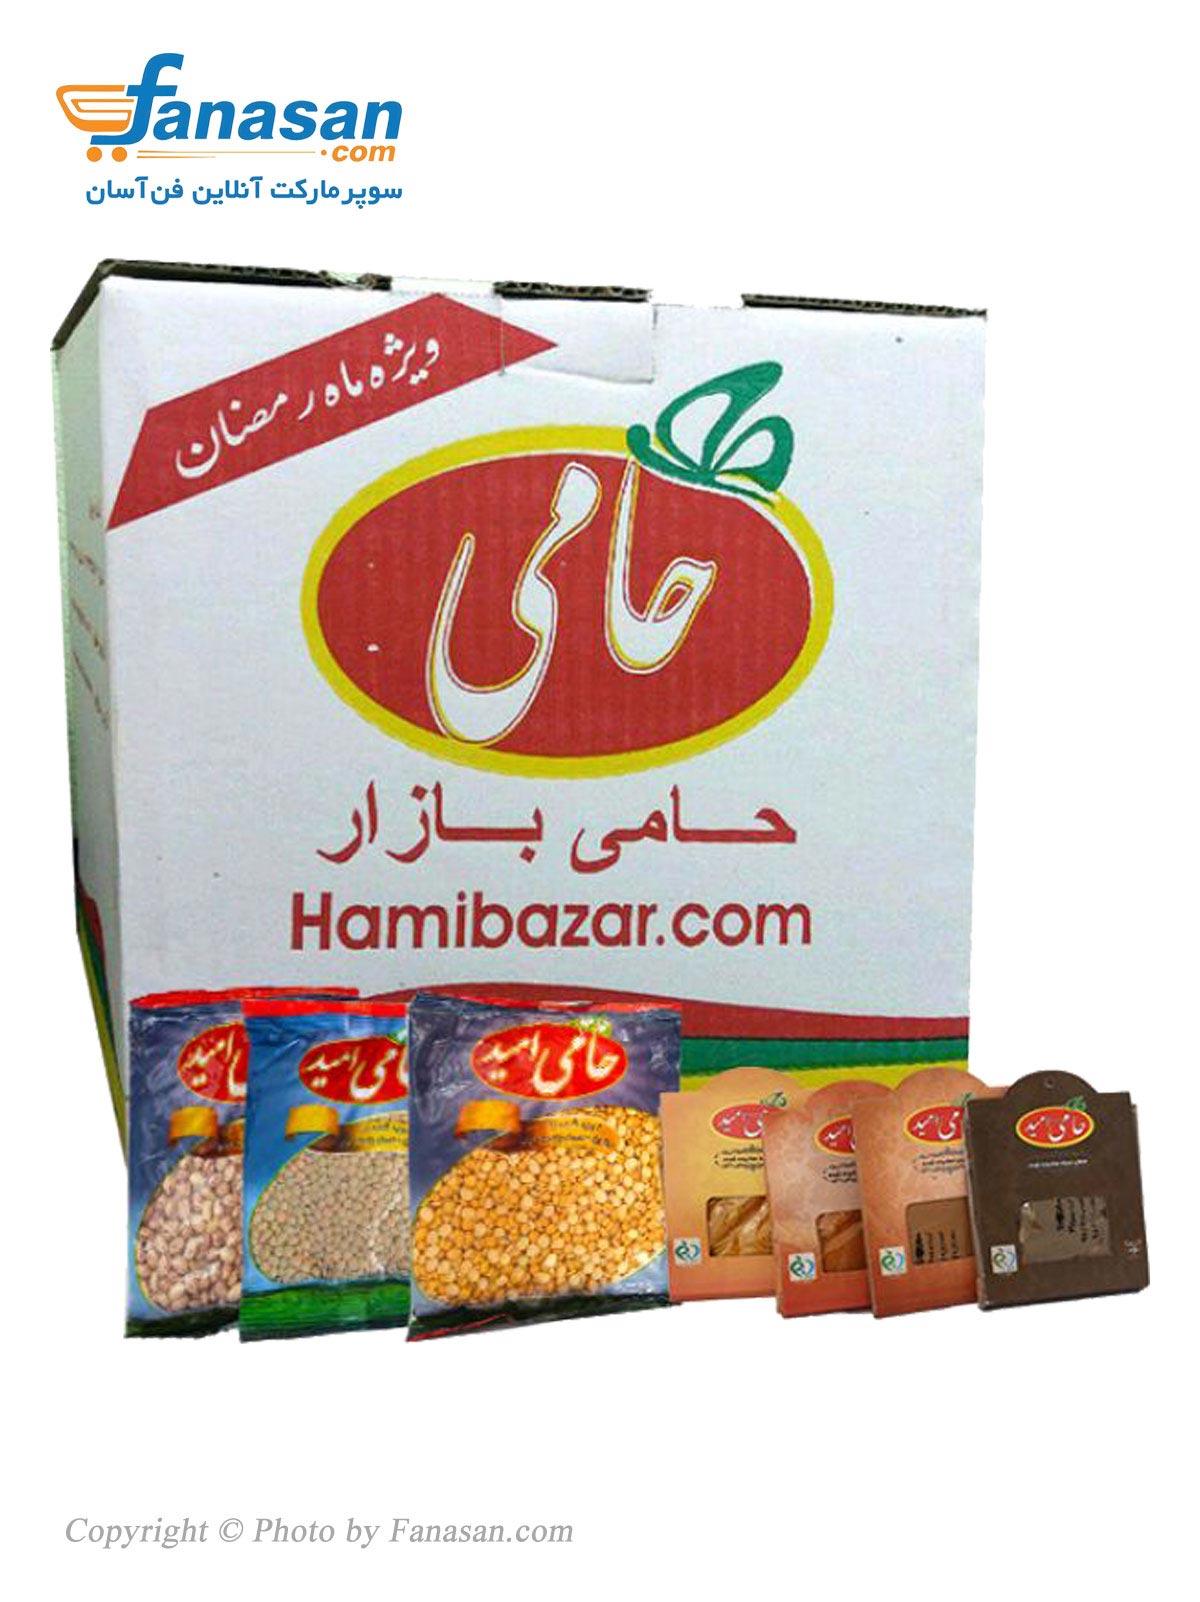 بسته غذایی حامی امید ویژه ماه مبارک رمضان